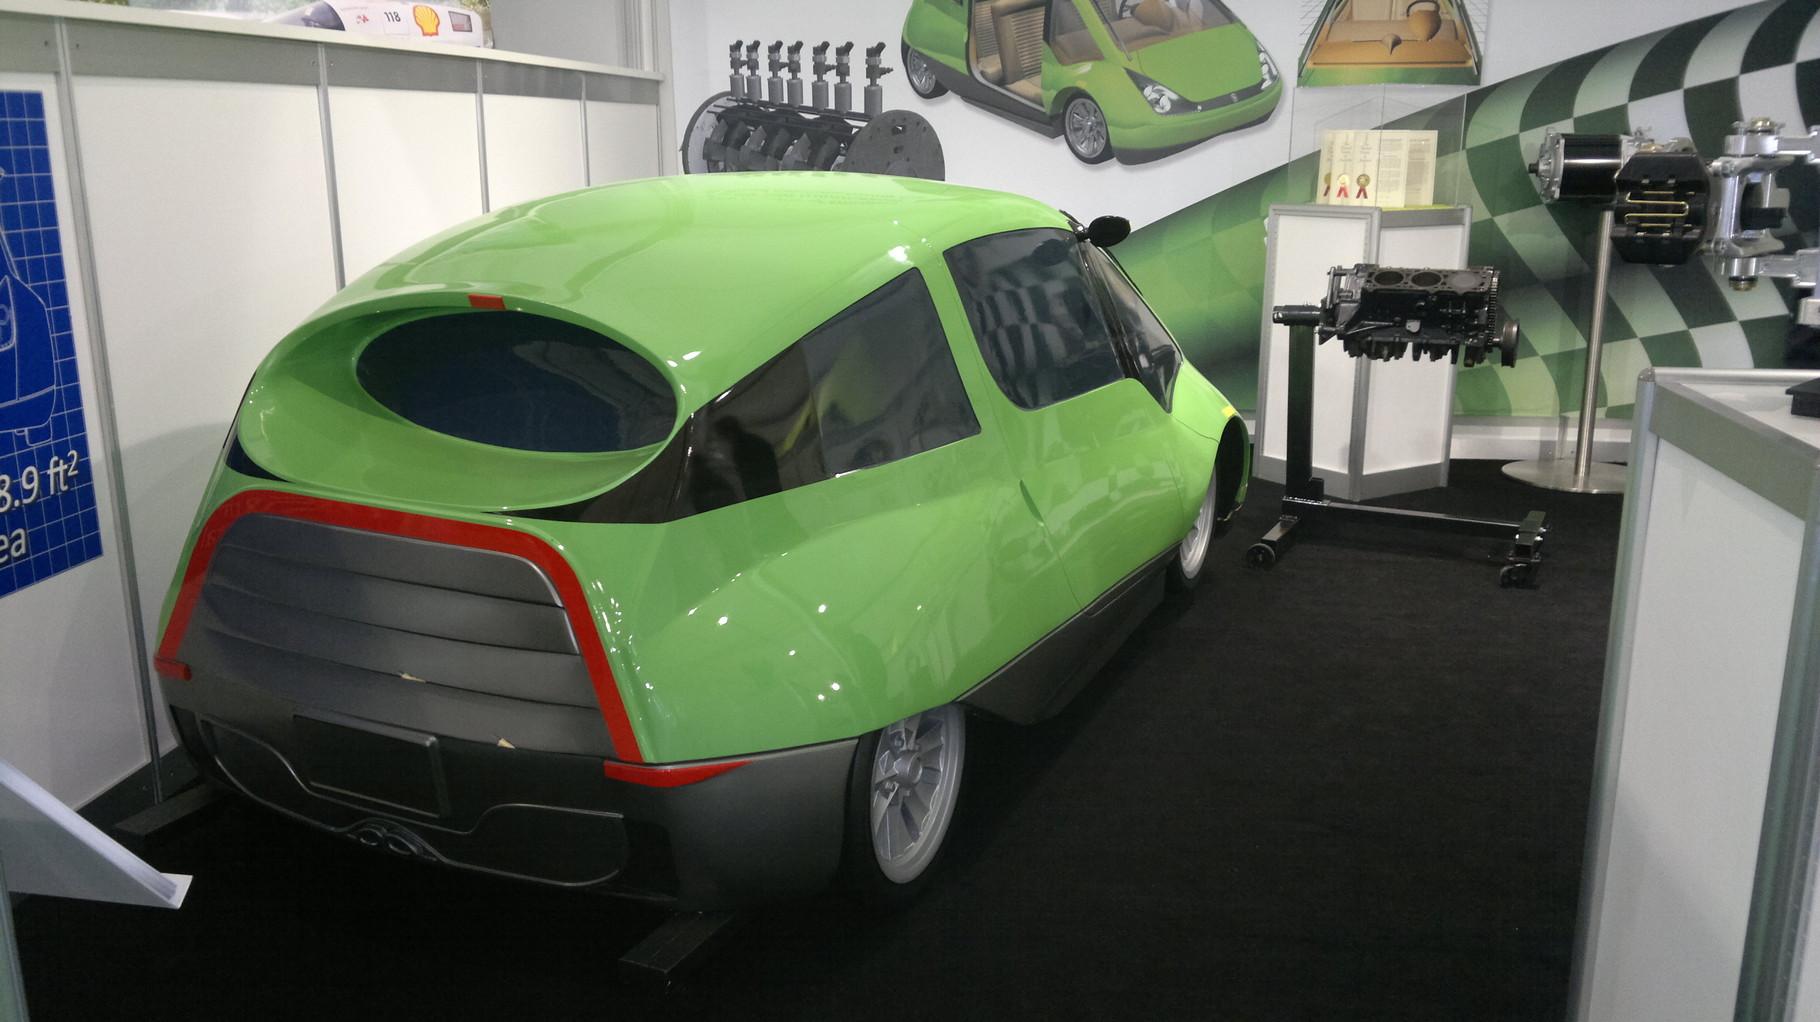 NR-1 Supermileage Car --200 Miles Per Gallon-- Iso View